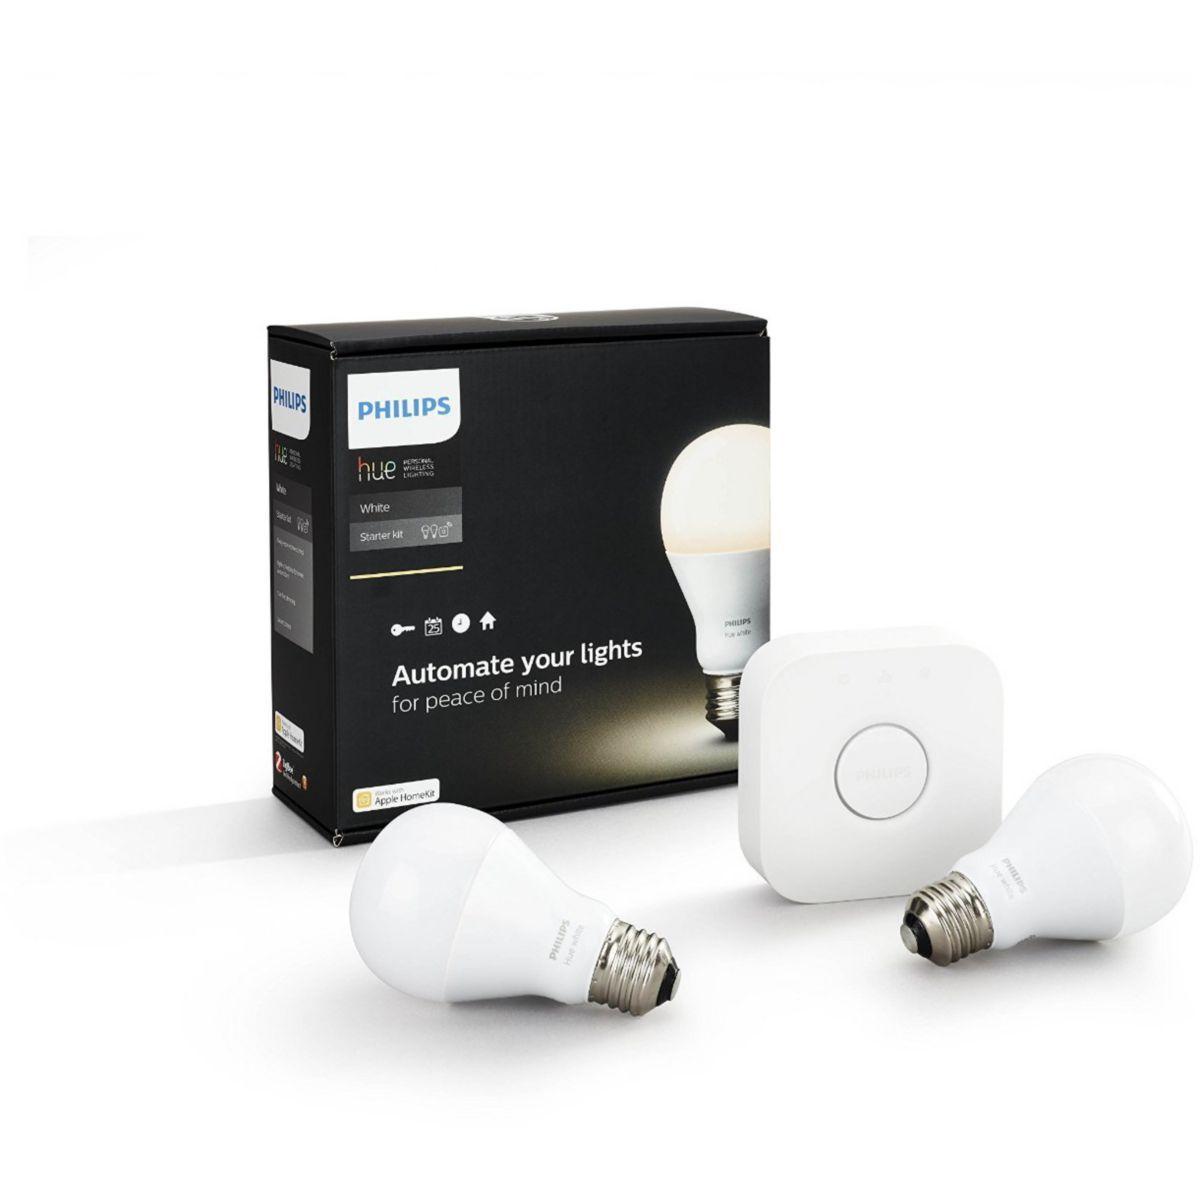 Ampoule philips huewhite 9.5w a60 e27 set eu - 10% de remise immédiate avec le code : multi10